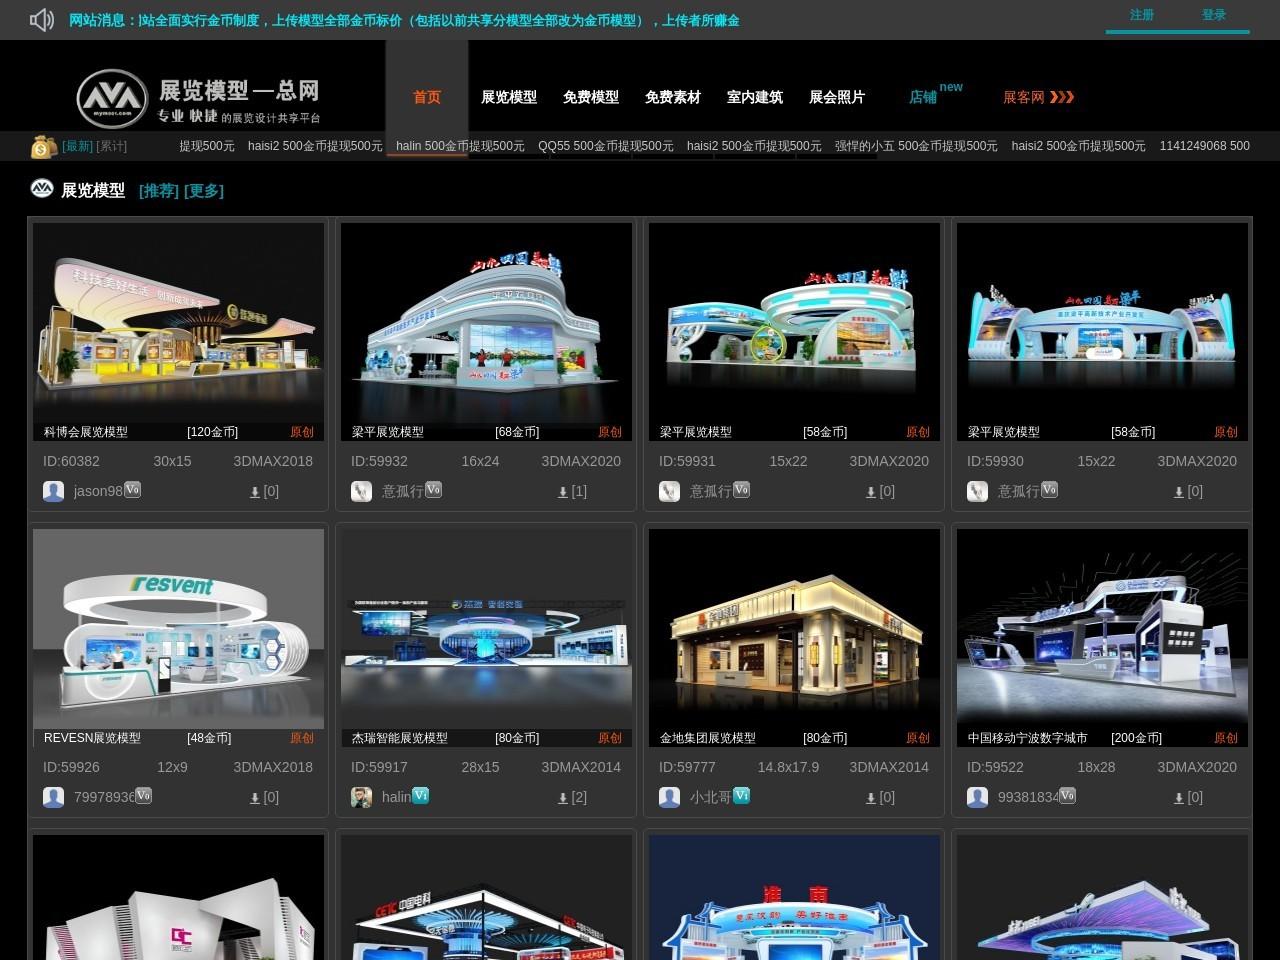 展览模型总网的网站截图